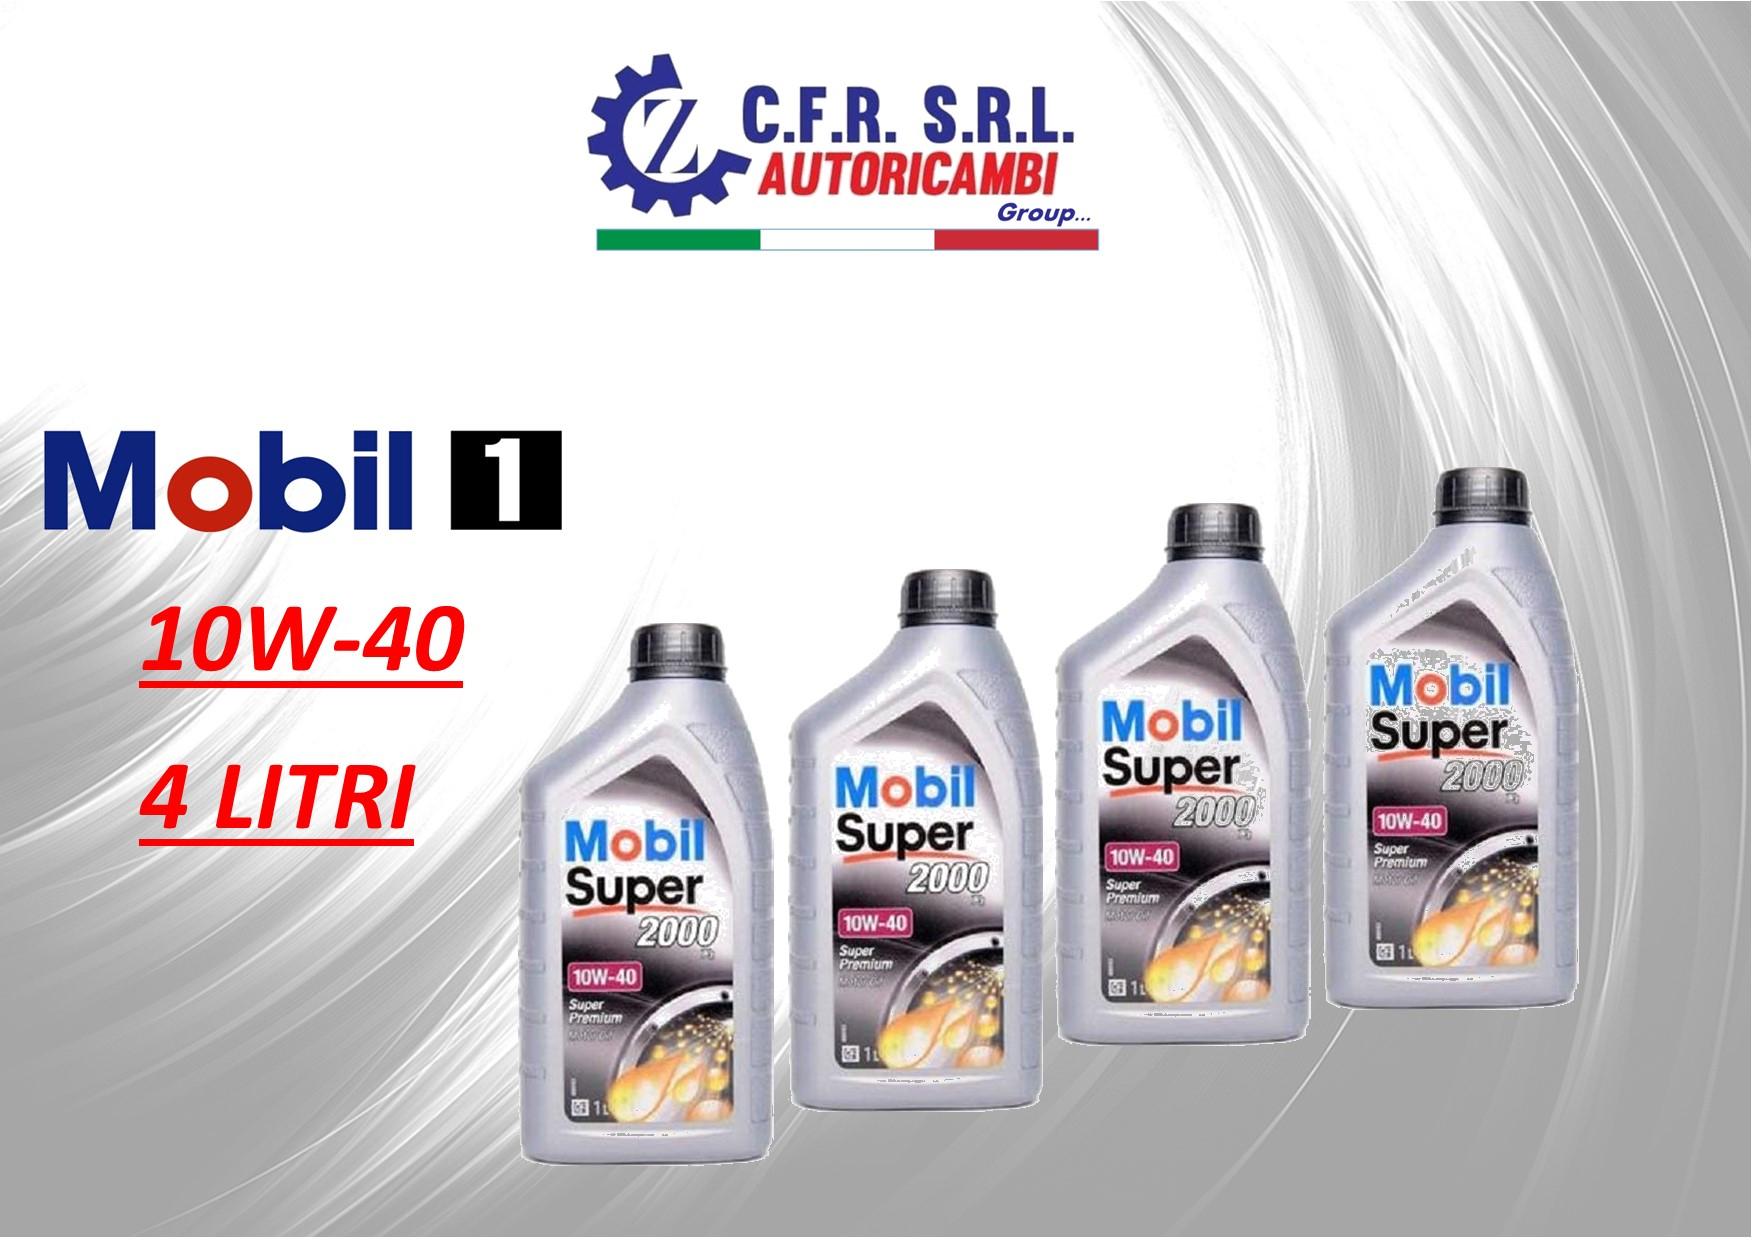 4PZ OLIO LUBRIFICANTE MOBIL SUPER 2000 10W-40